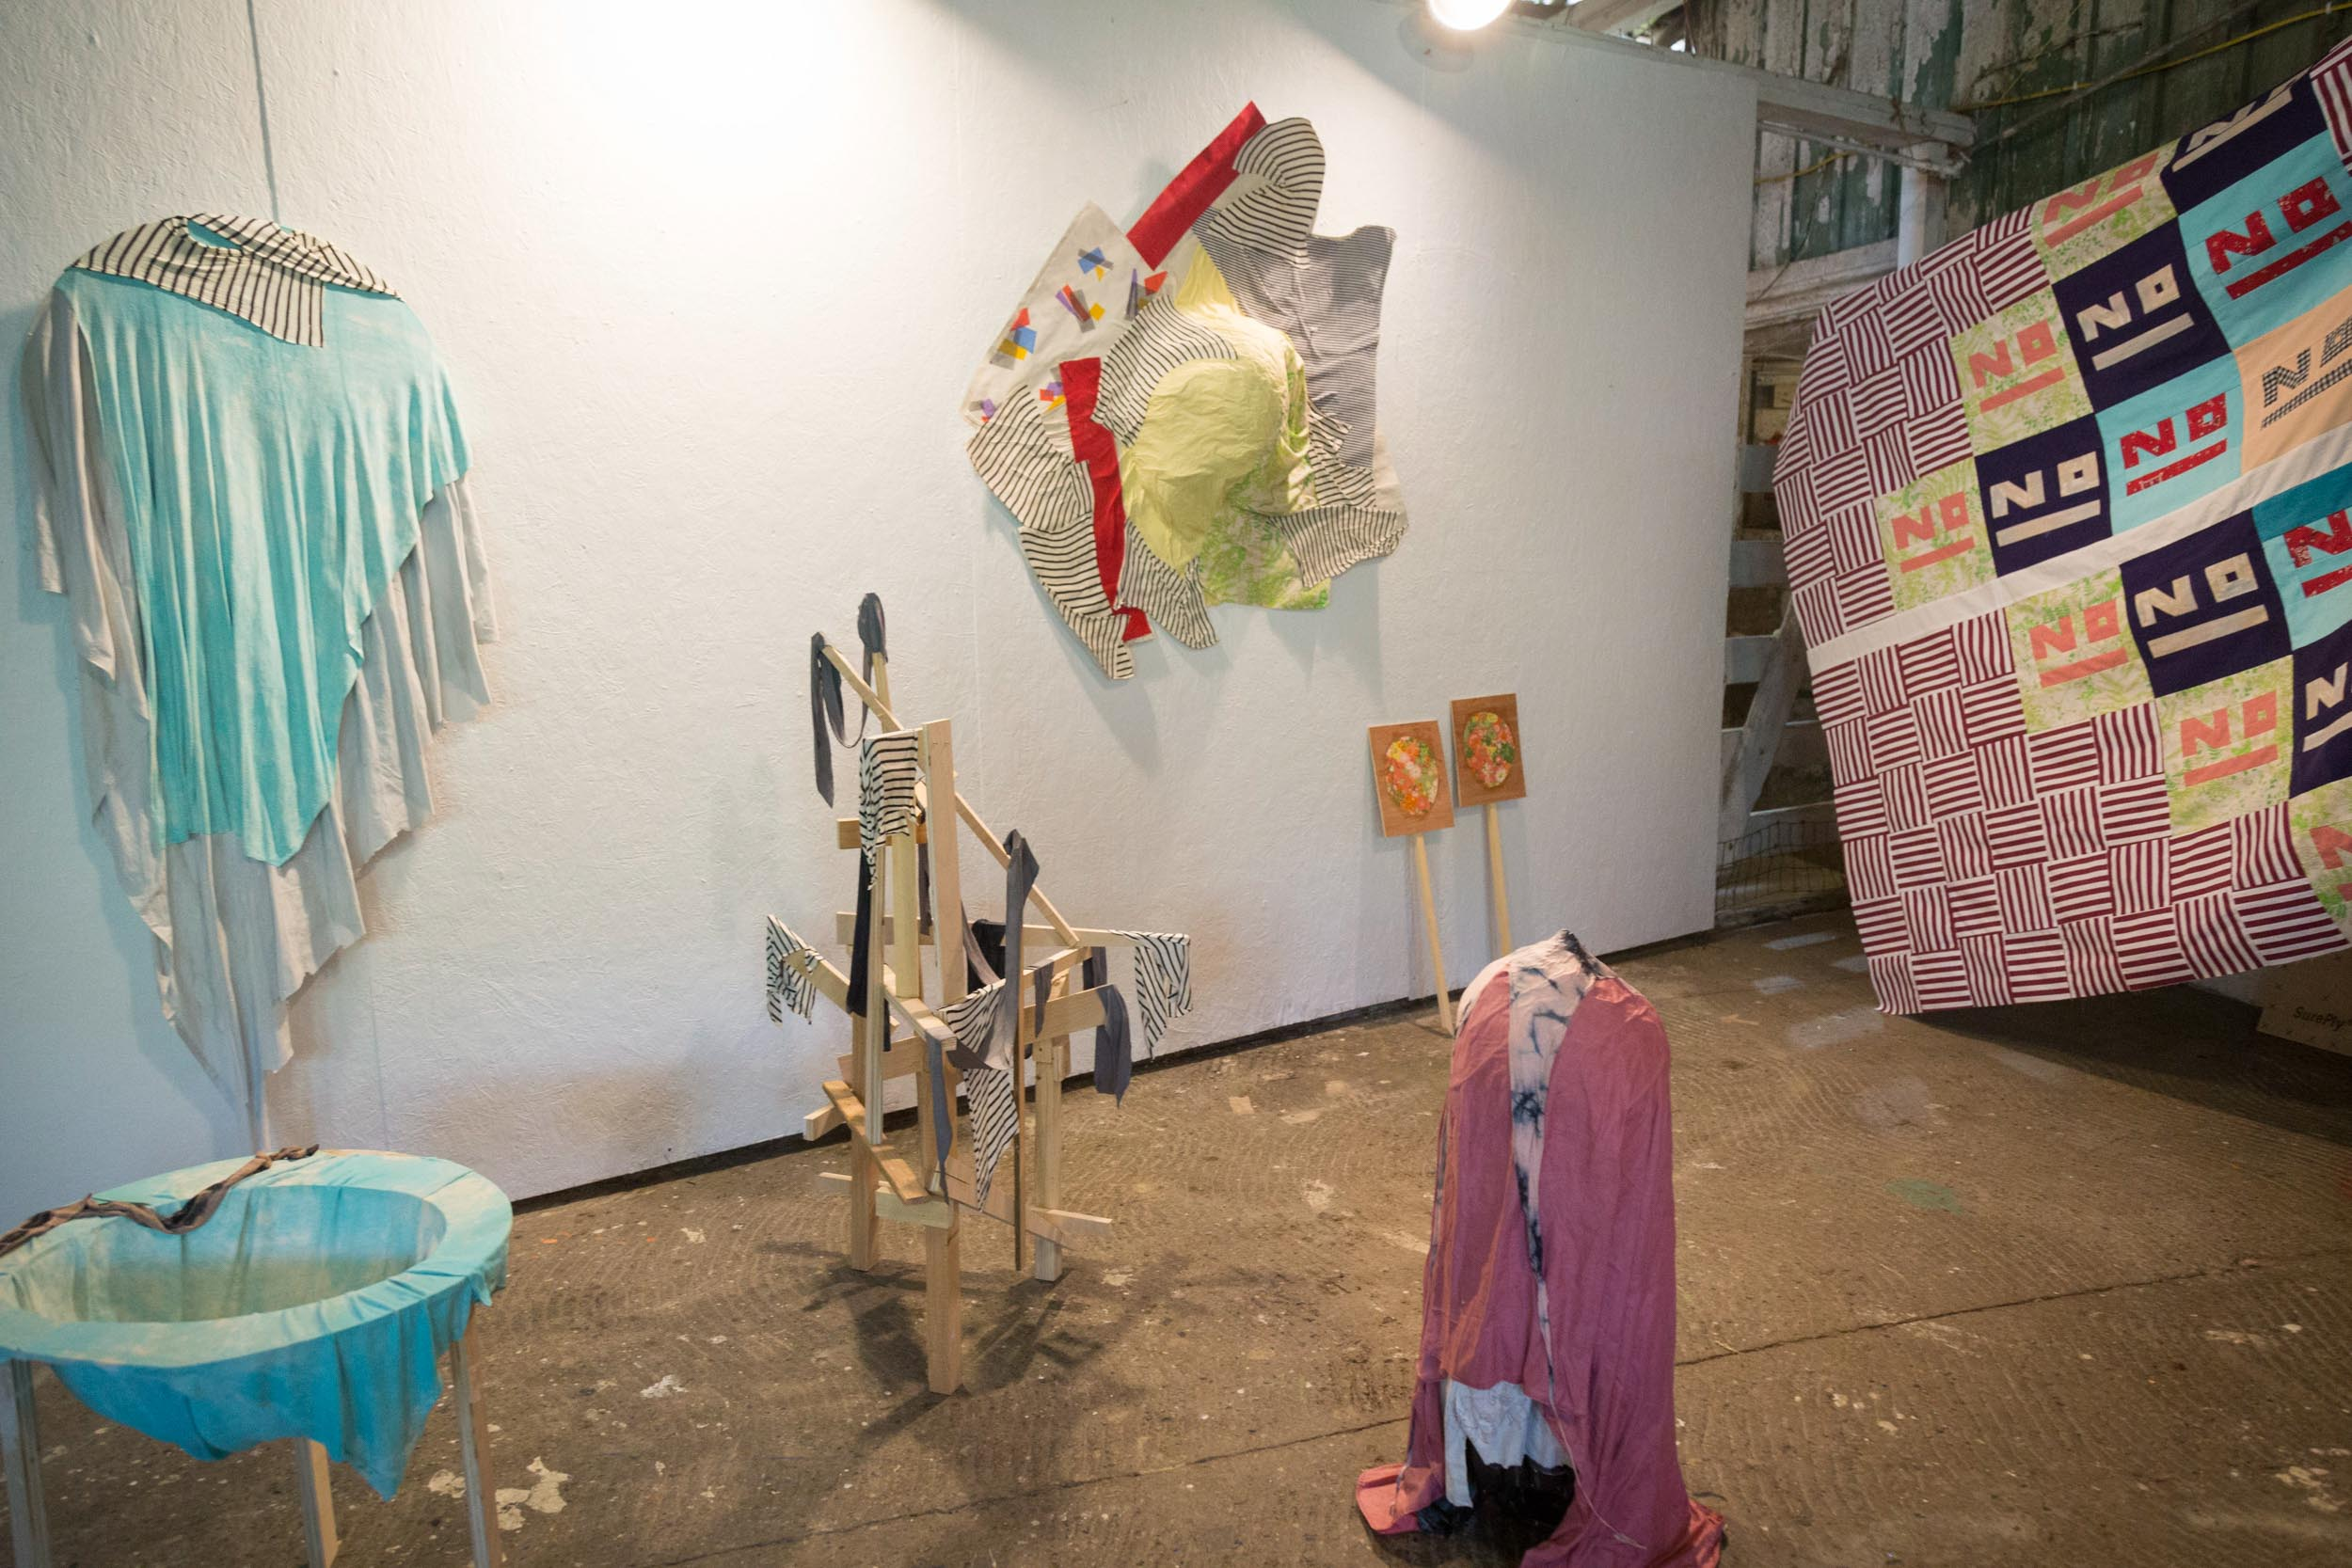 wassaic-project-artist-eliza-fernand-2018-05-21-15-32-39.jpg